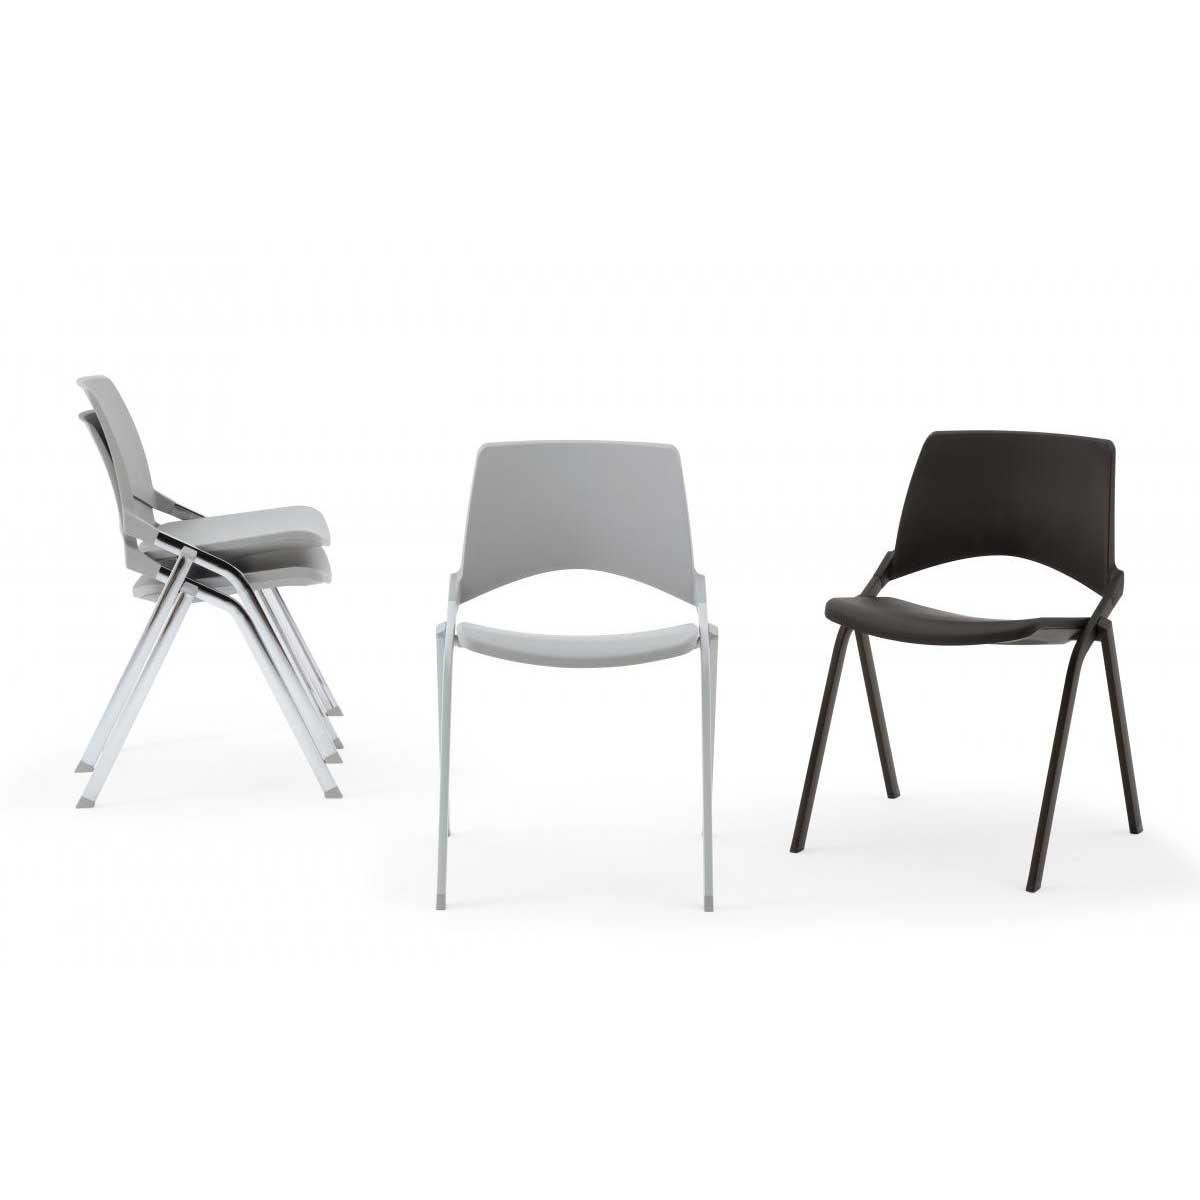 08S_Estel_Comfort&Relax_Office-Chair_Kendo